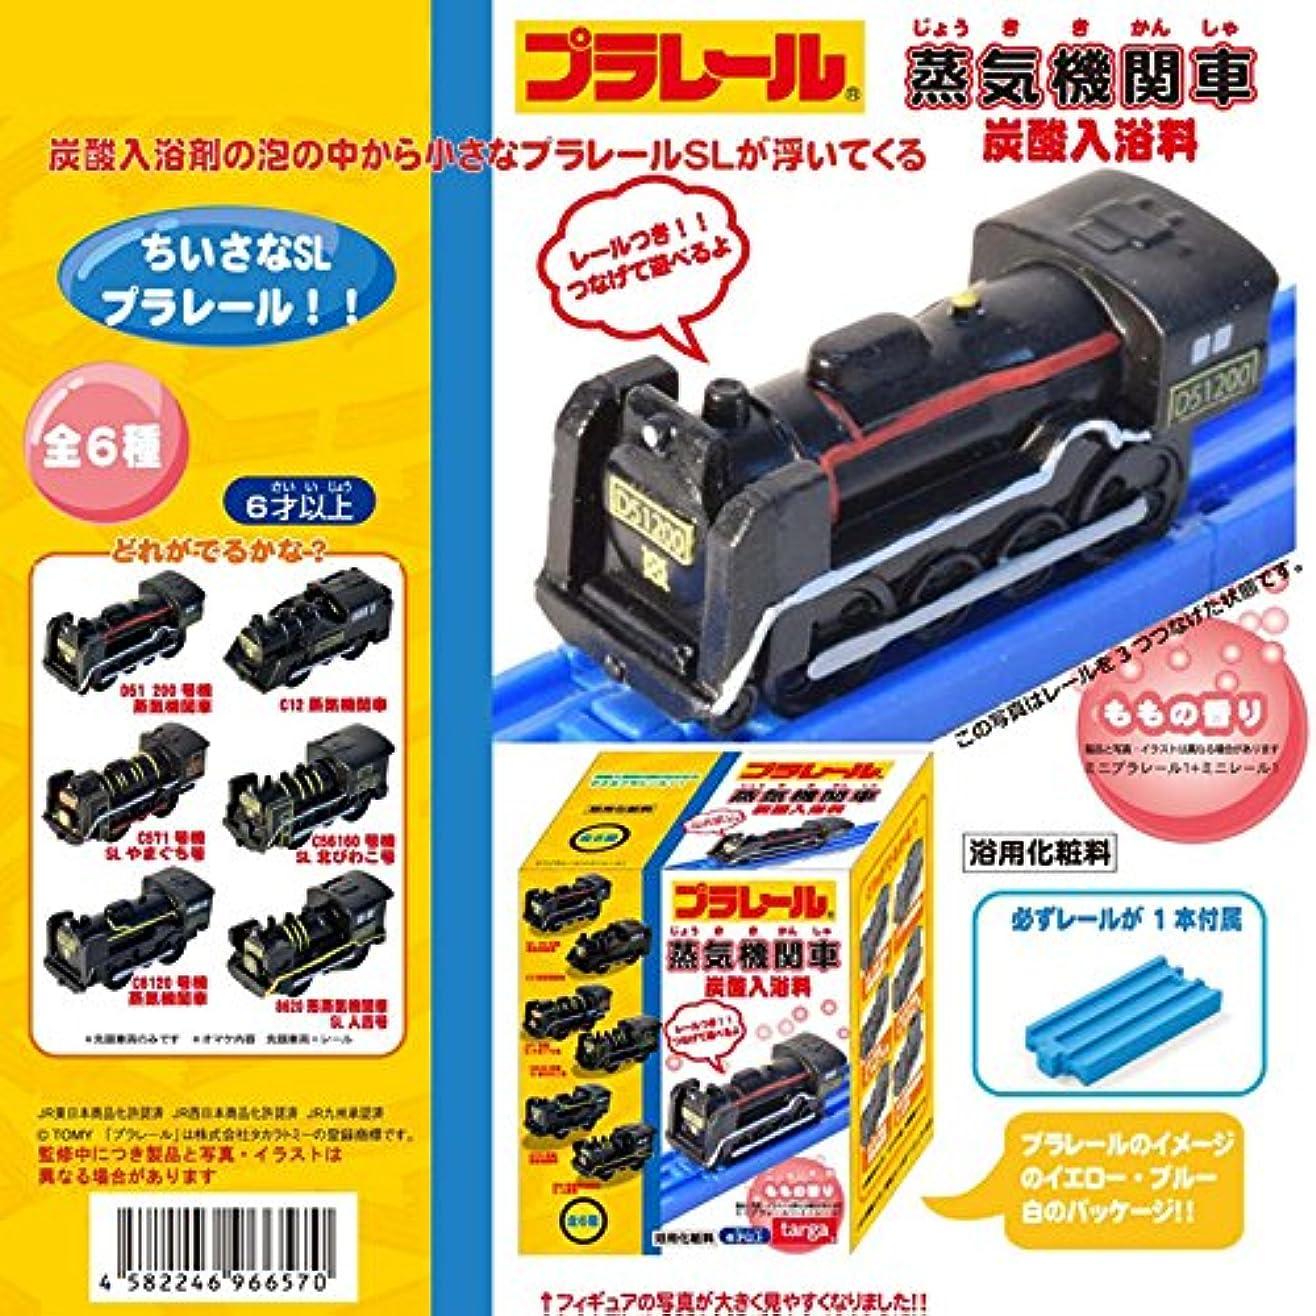 徹底系譜ラインナッププラレール 蒸気機関車 炭酸入浴料 6個1セット ももの香り レールつき機関車 入浴剤